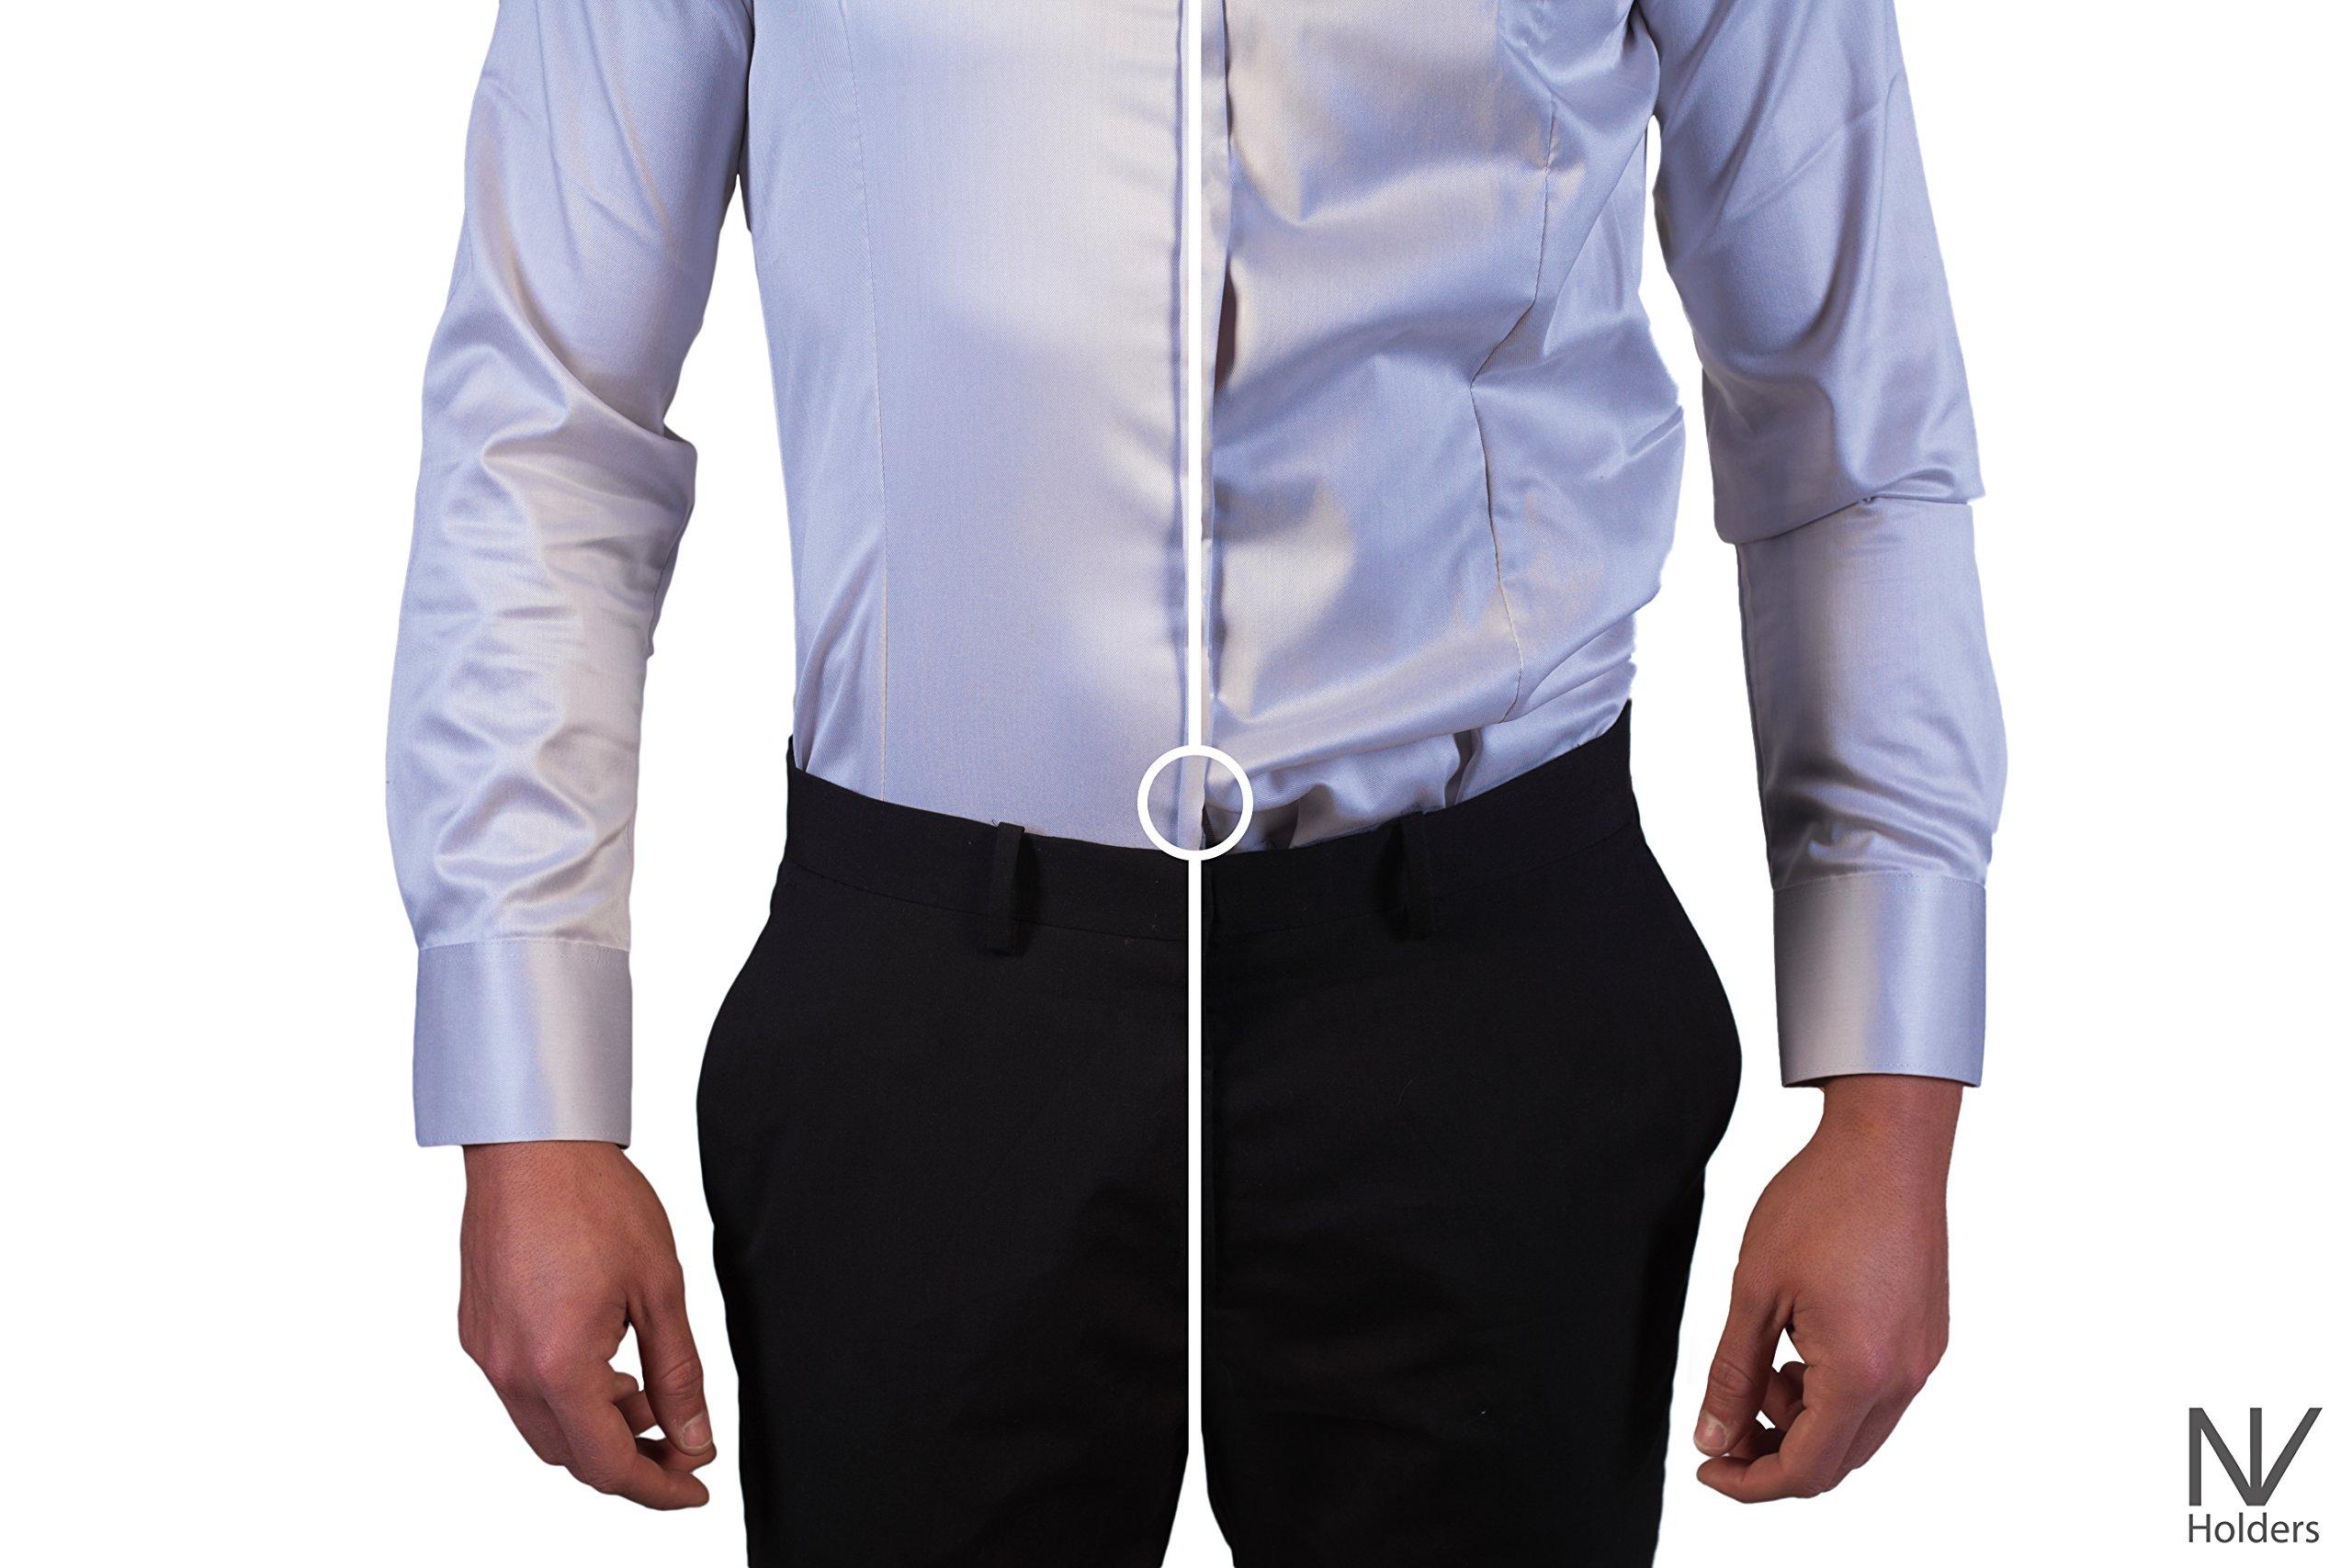 NV Holders Shirt-Holder Color Beige Size S by NV Holders (Image #7)